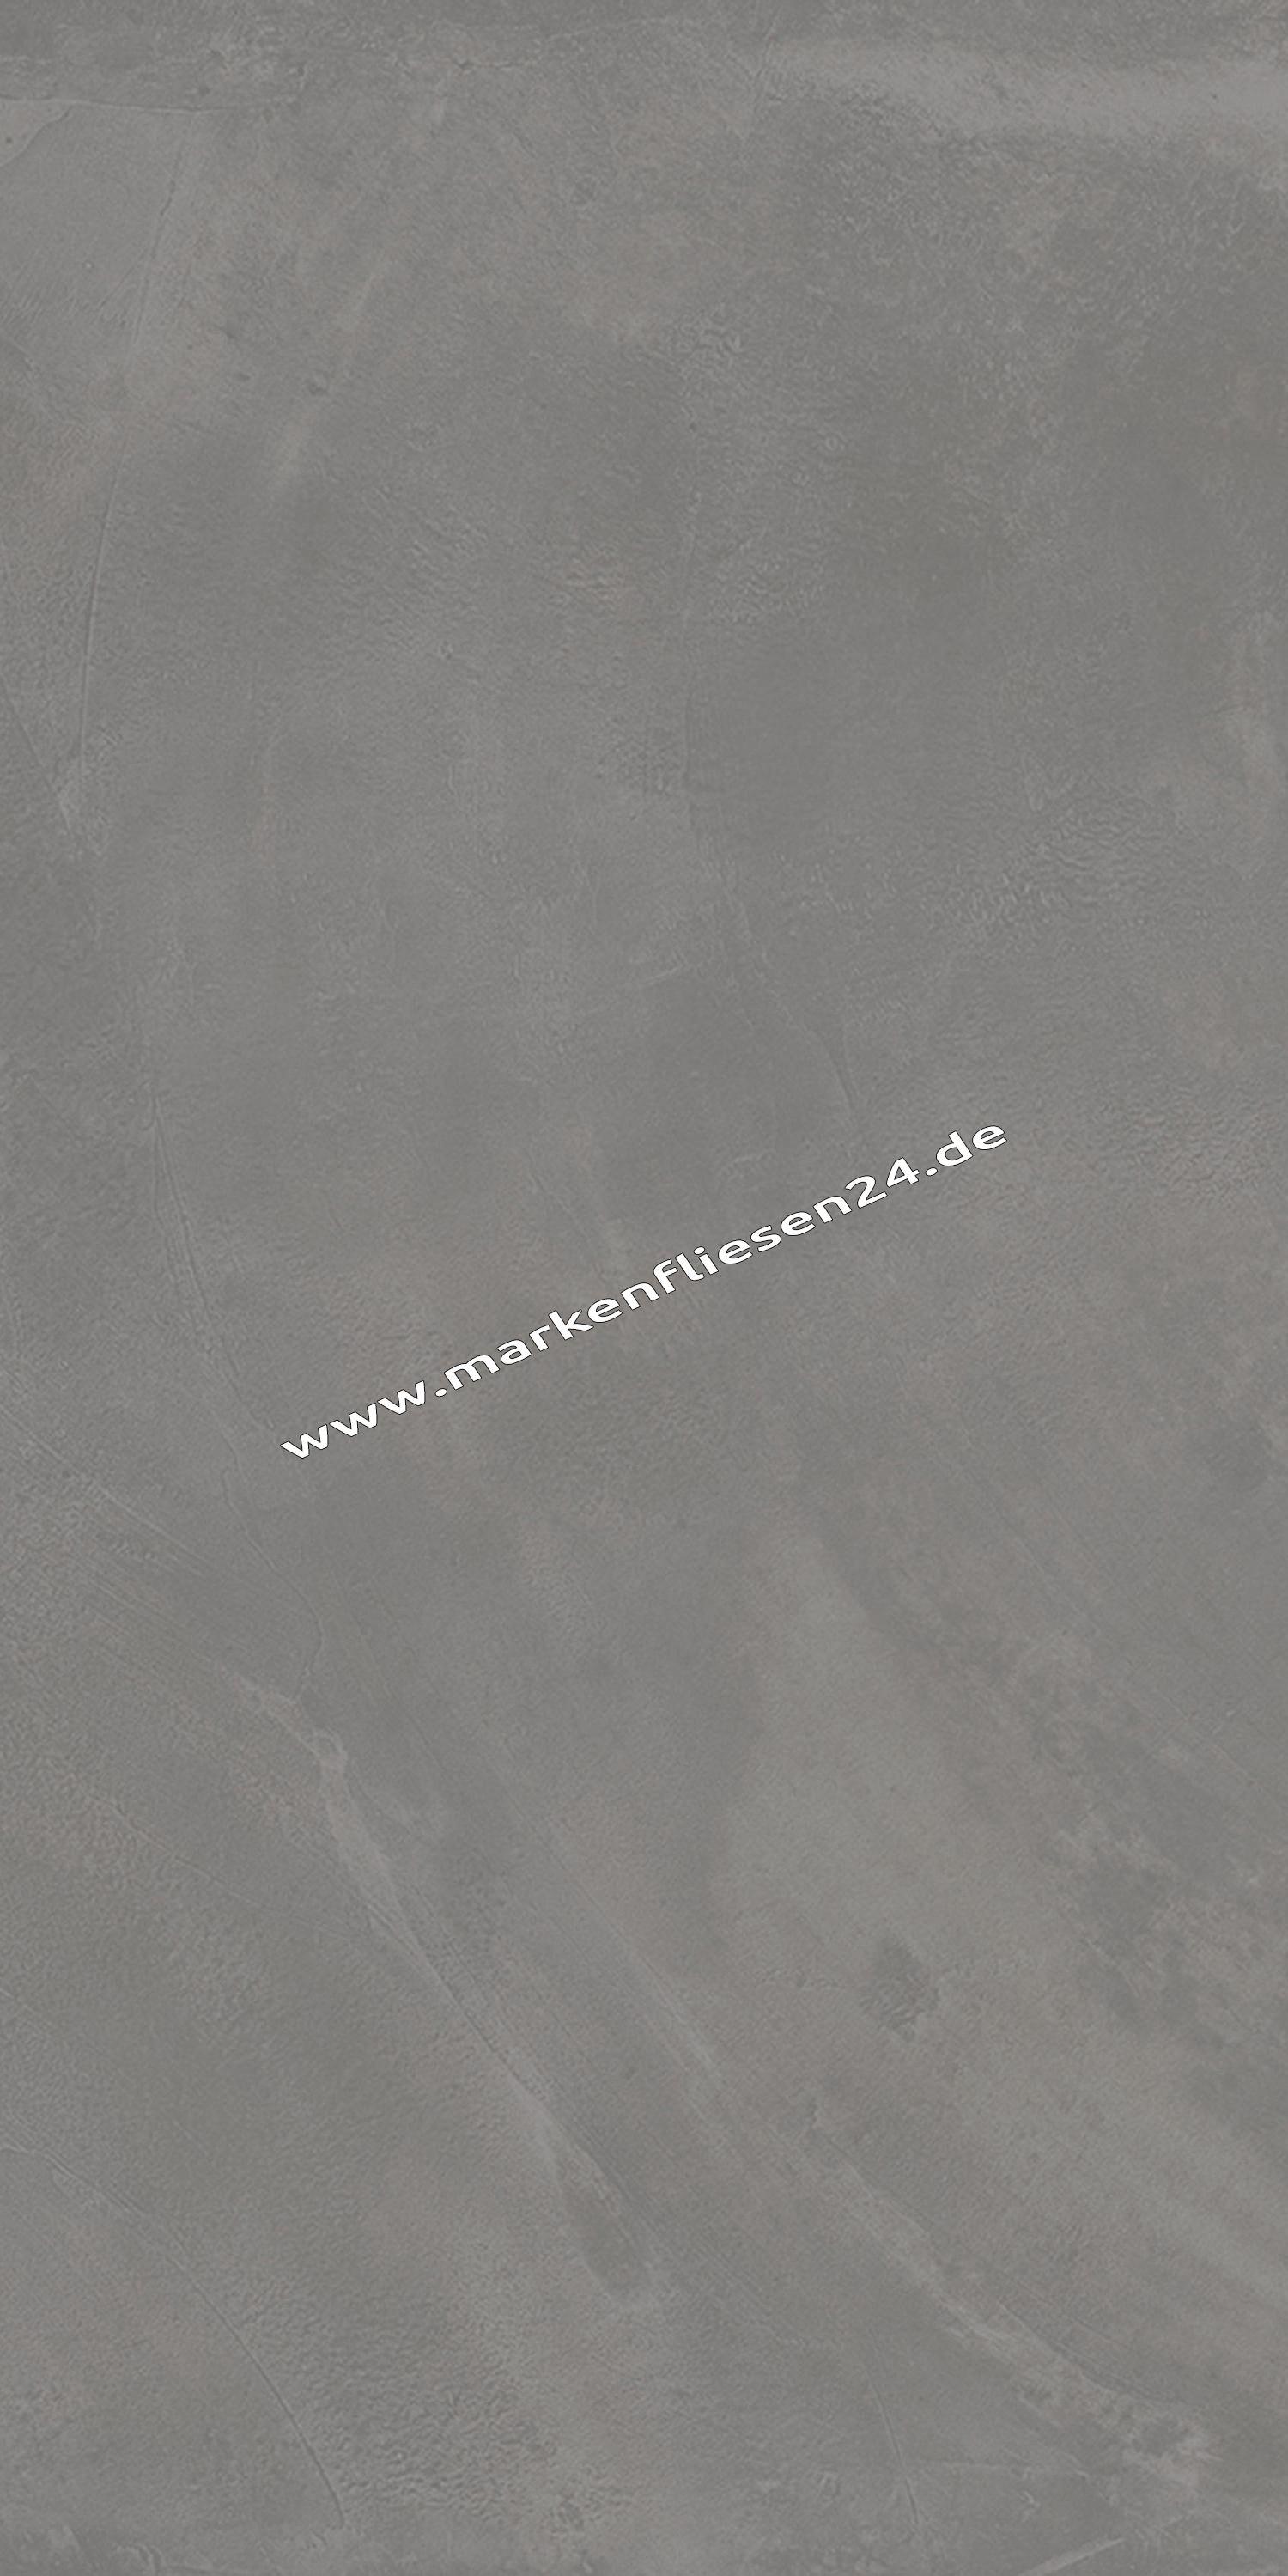 Ergon Serie Architect Resin Günstig Online Kaufen Fliesenoutlet - Fliesen kaufen karlsruhe